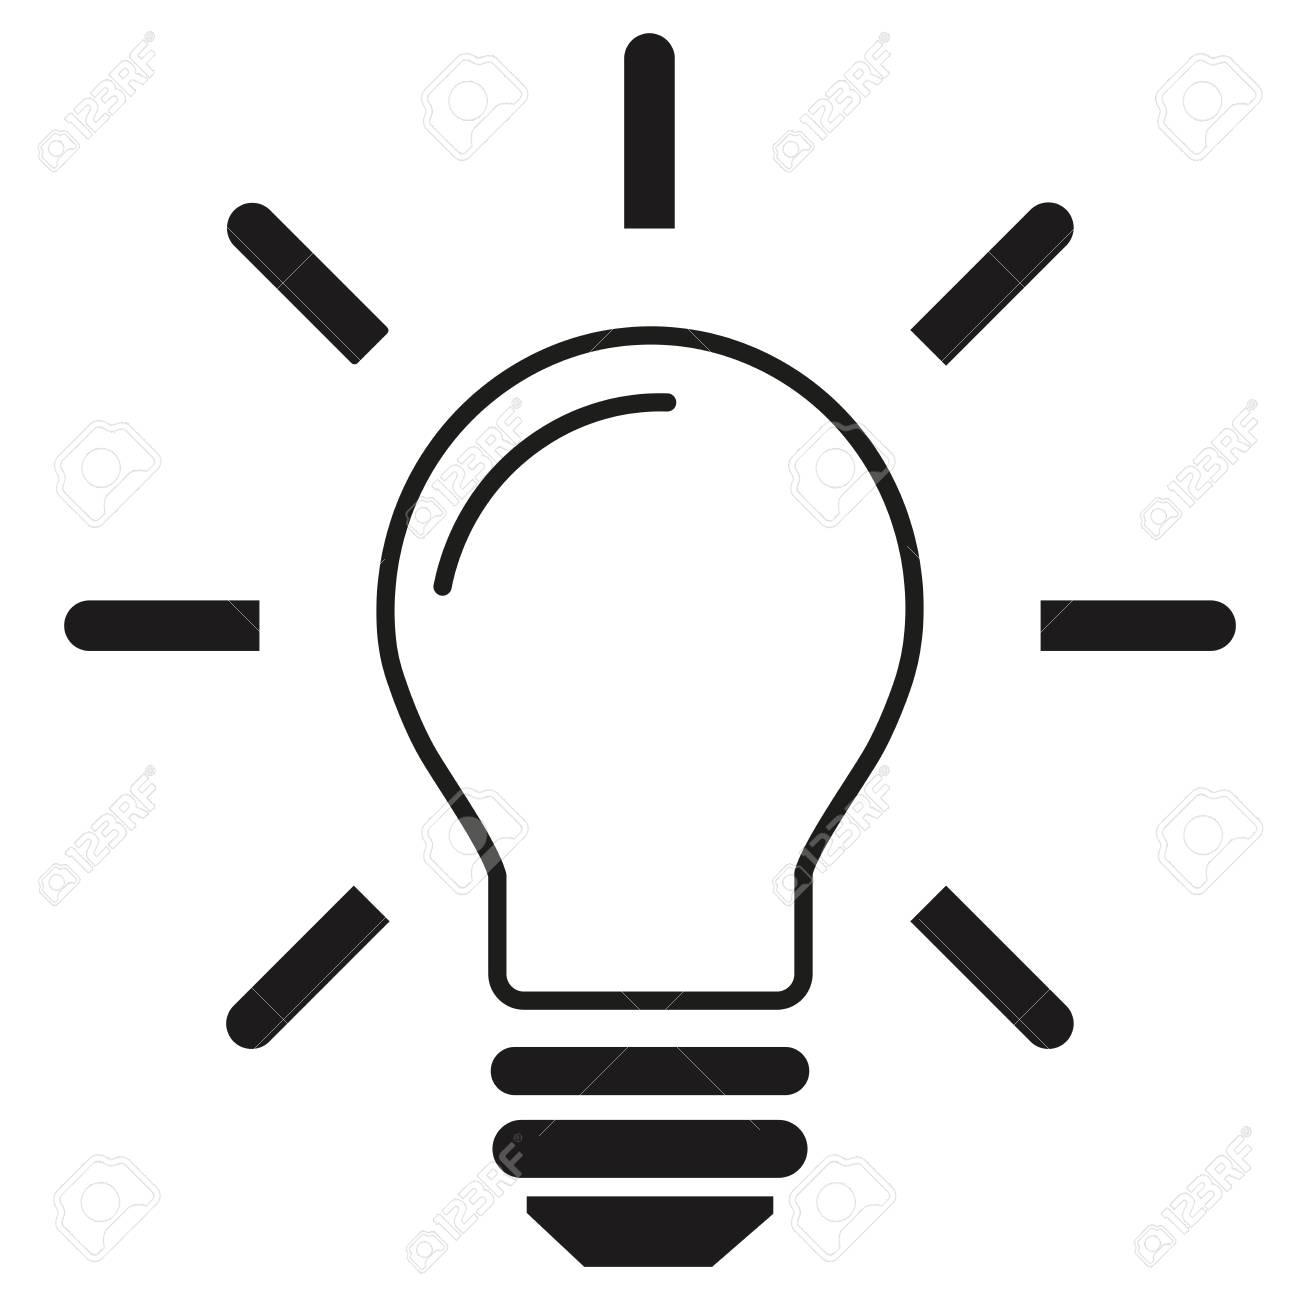 pictogramme ampoule idee ampoule electrique lampe ampoule electrique objet icone symbole